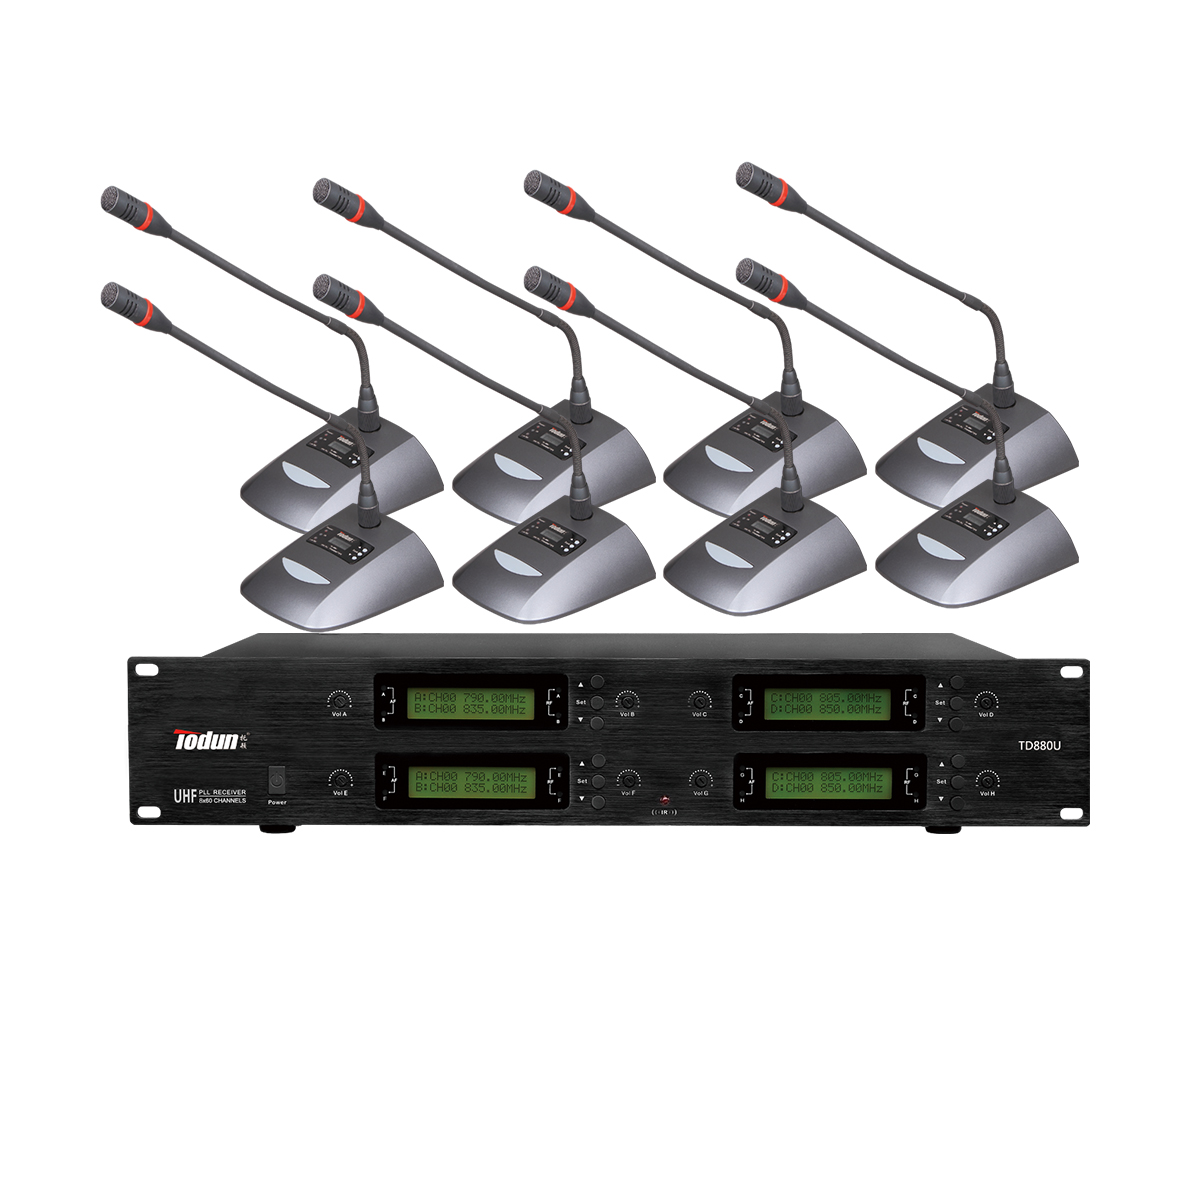 托顿TD880U 无线鹅颈话筒 U段 一拖八无线会议系统